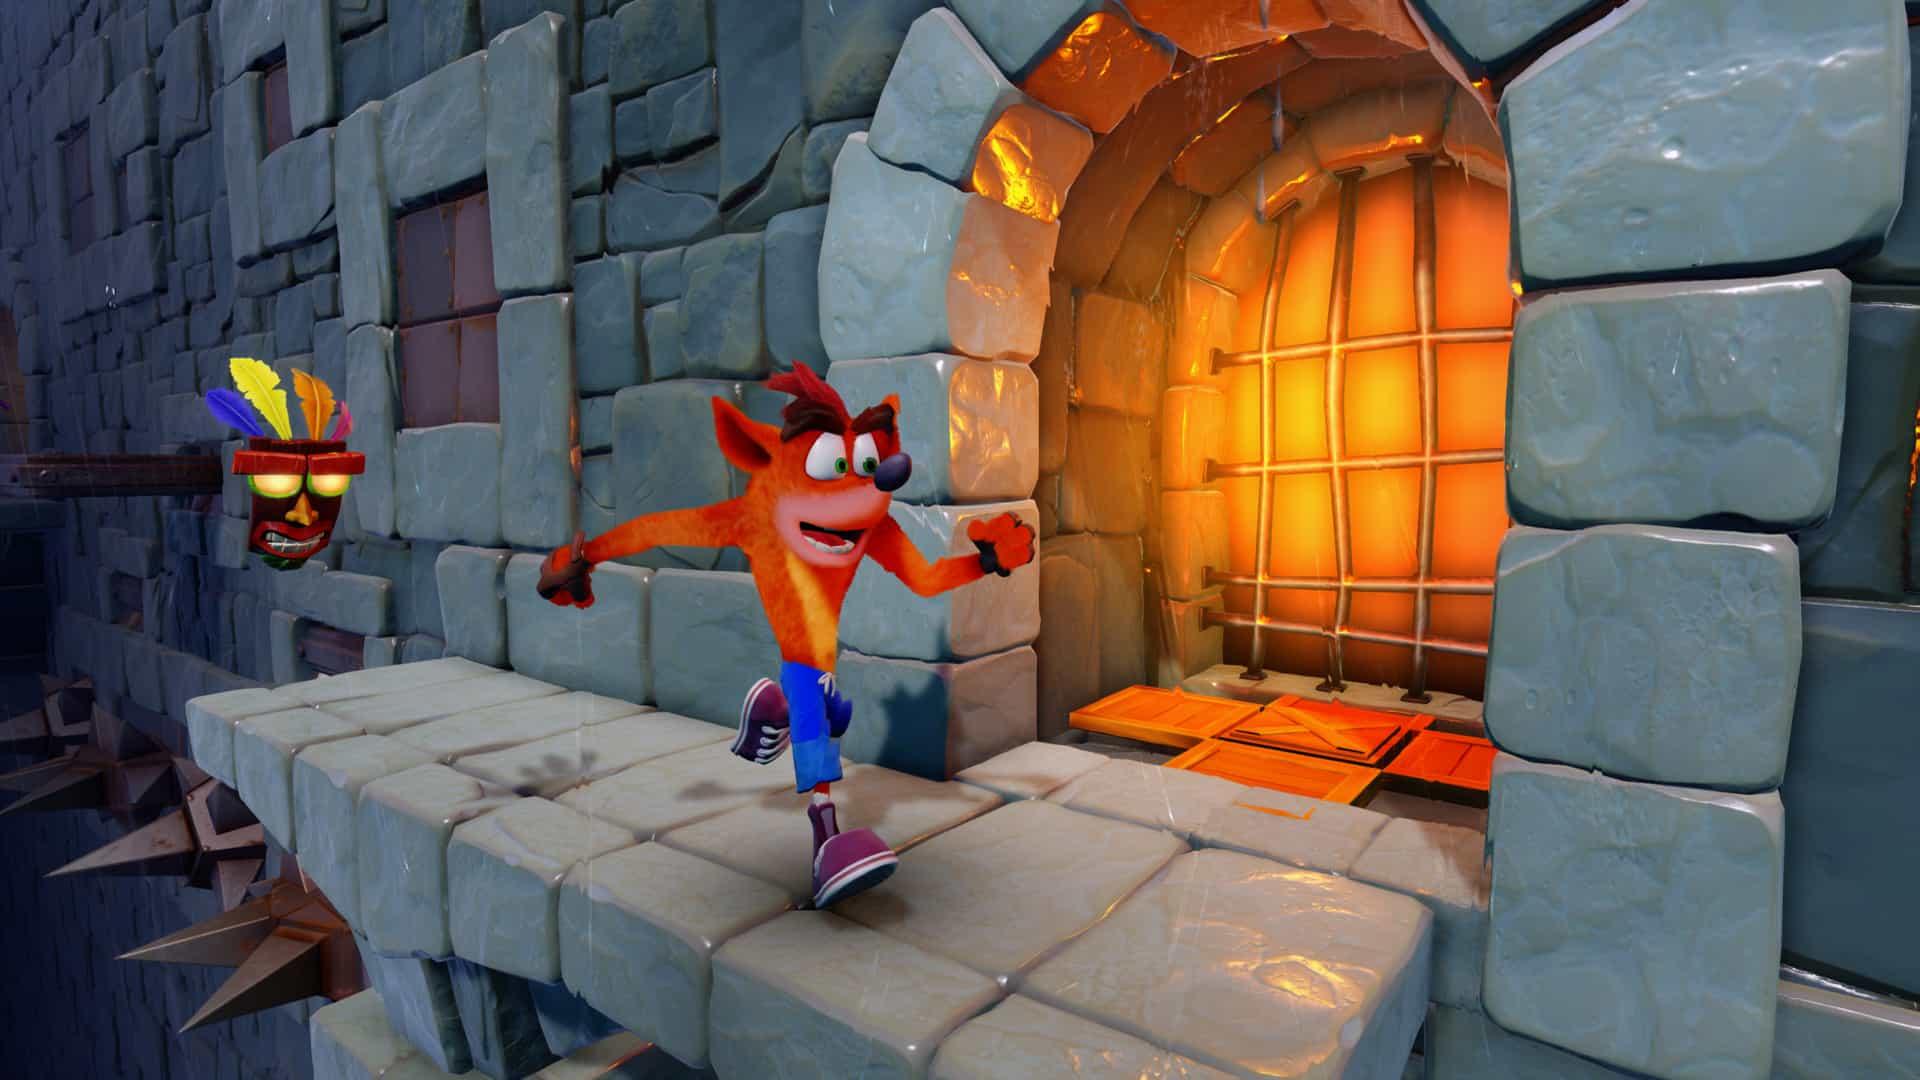 PS4 Spiele Kinder: Das sind die besten Games - Nextgen.at